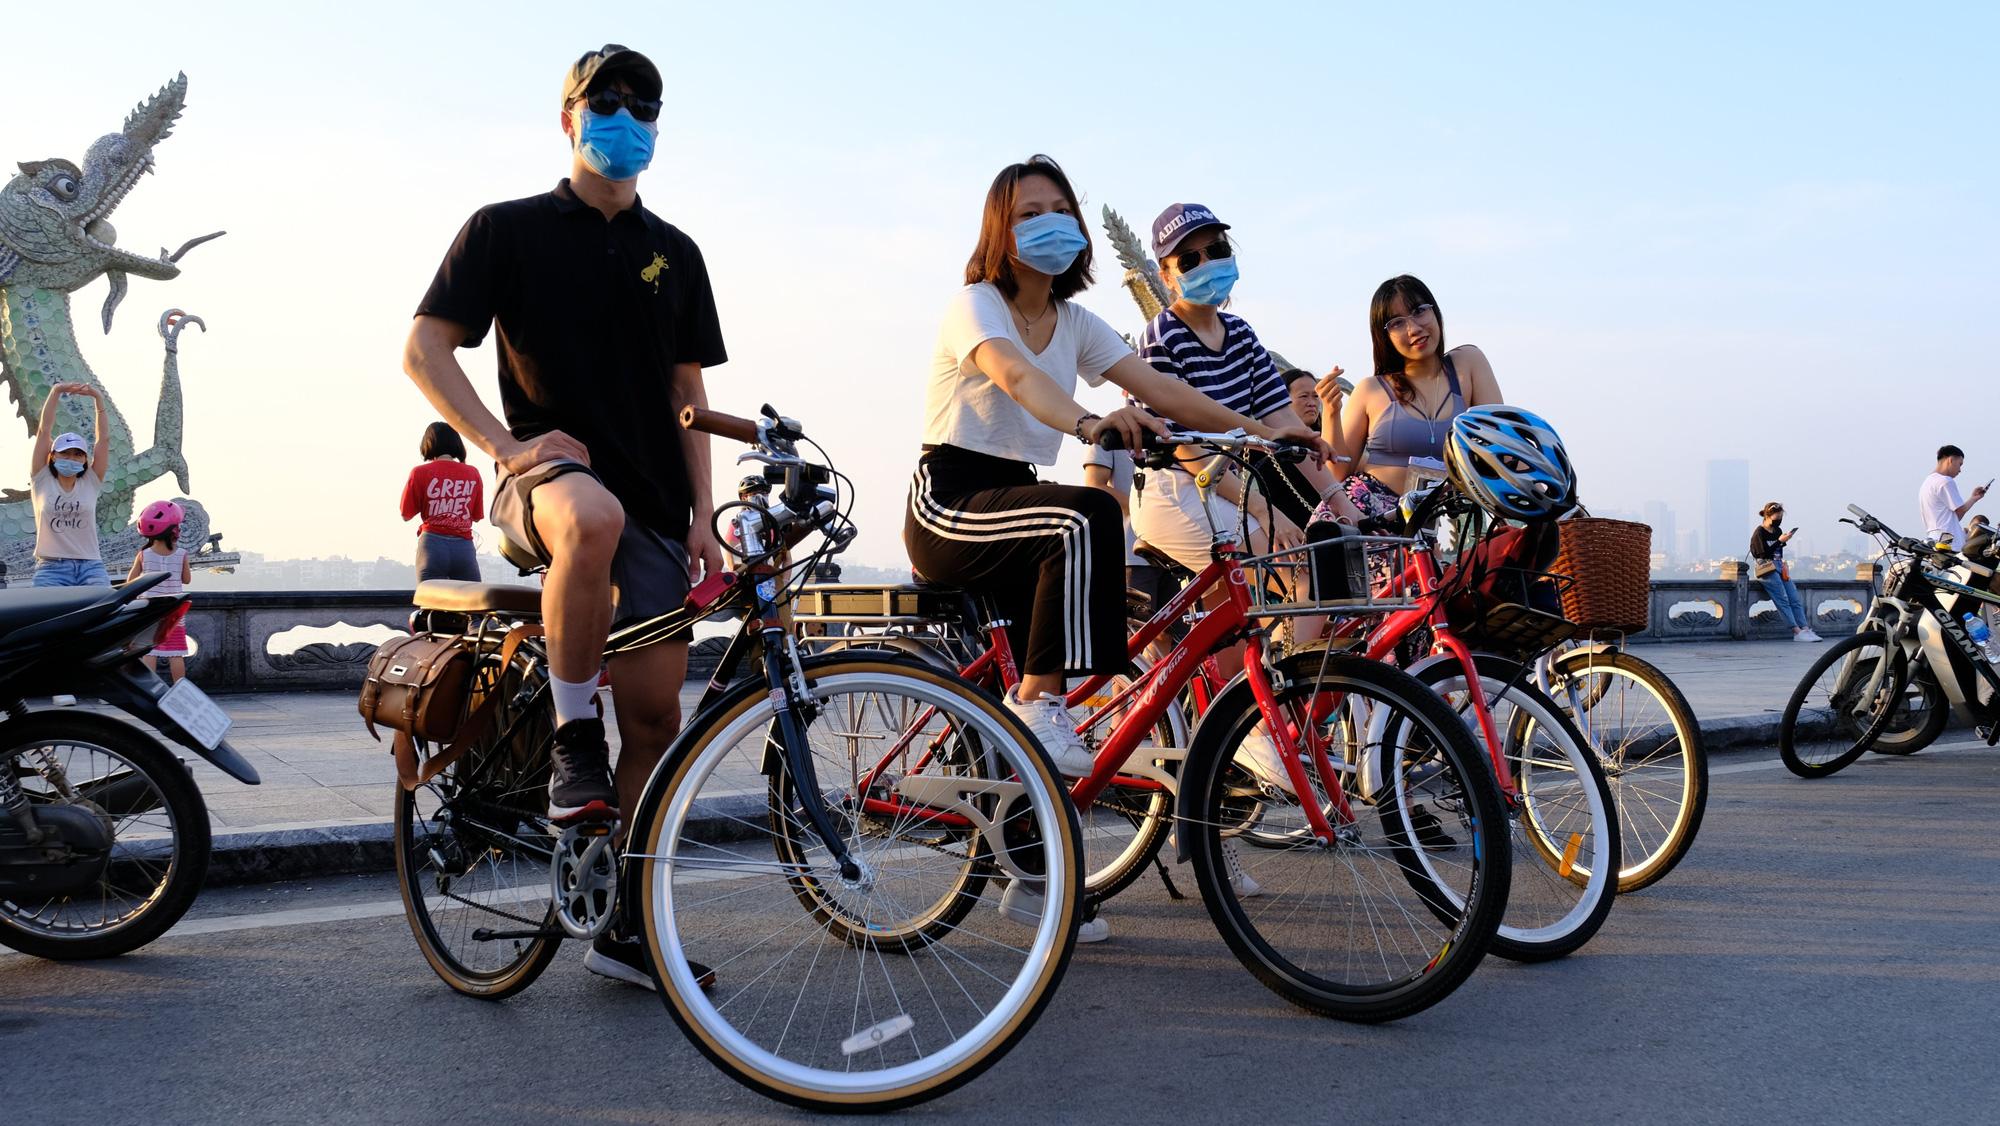 """Dân """"độ"""" xe tiết lộ 4 bước biến xe đạp cũ thành xe đạp trợ lực điện, chạy vù vù quanh Hồ Tây - Ảnh 4."""